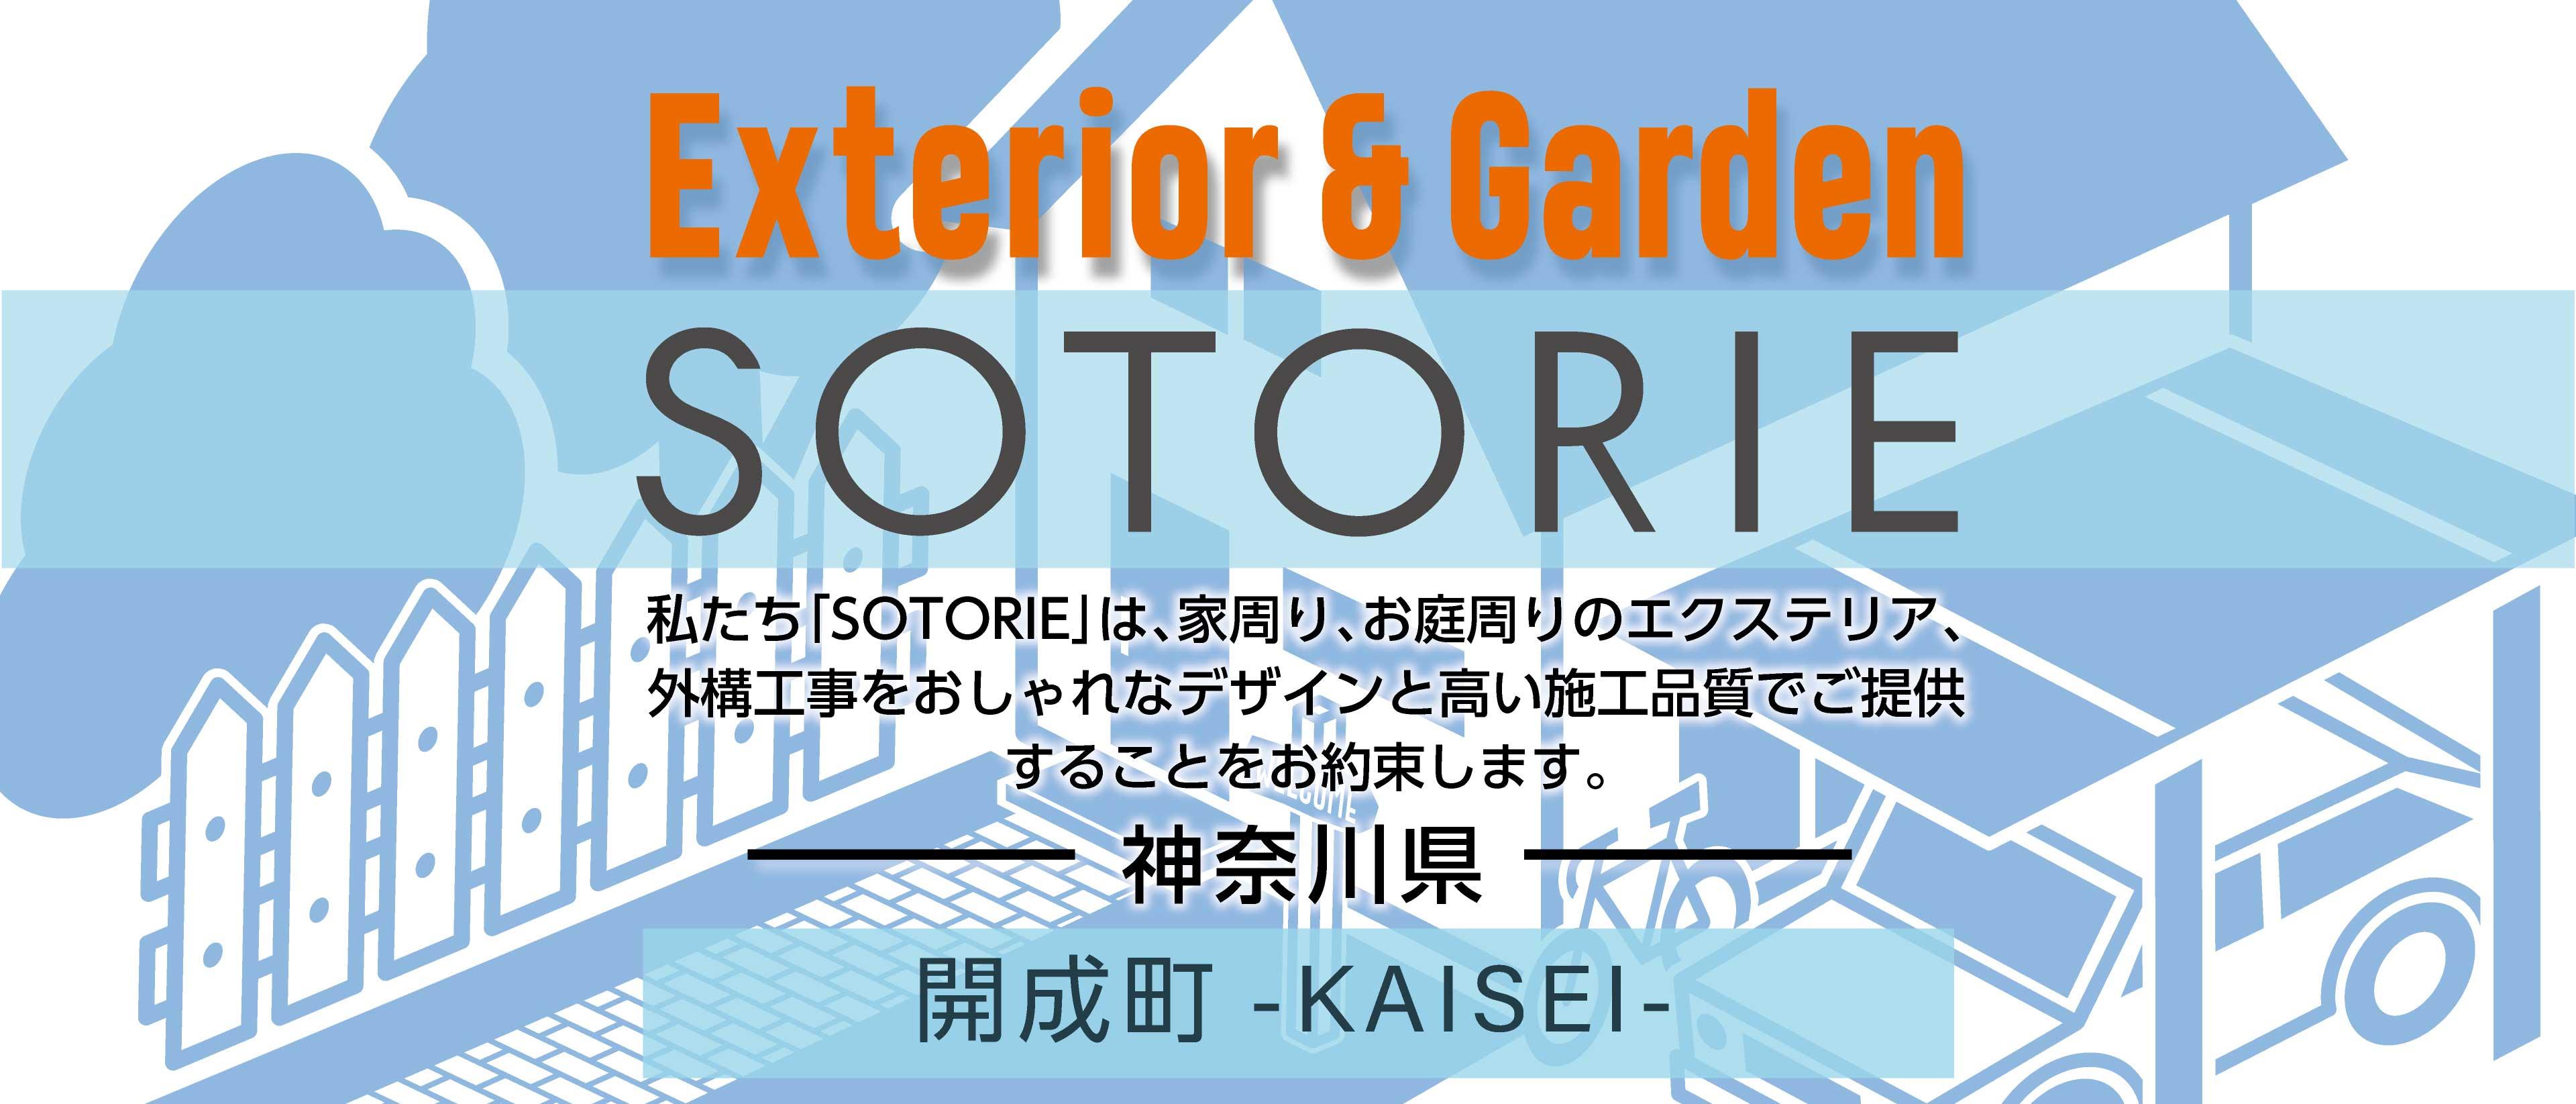 ソトリエ開成町では、家周りと庭周りの外構、エクステリア工事をおしゃれなデザインと高い施工品質でご提供することをお約束します。